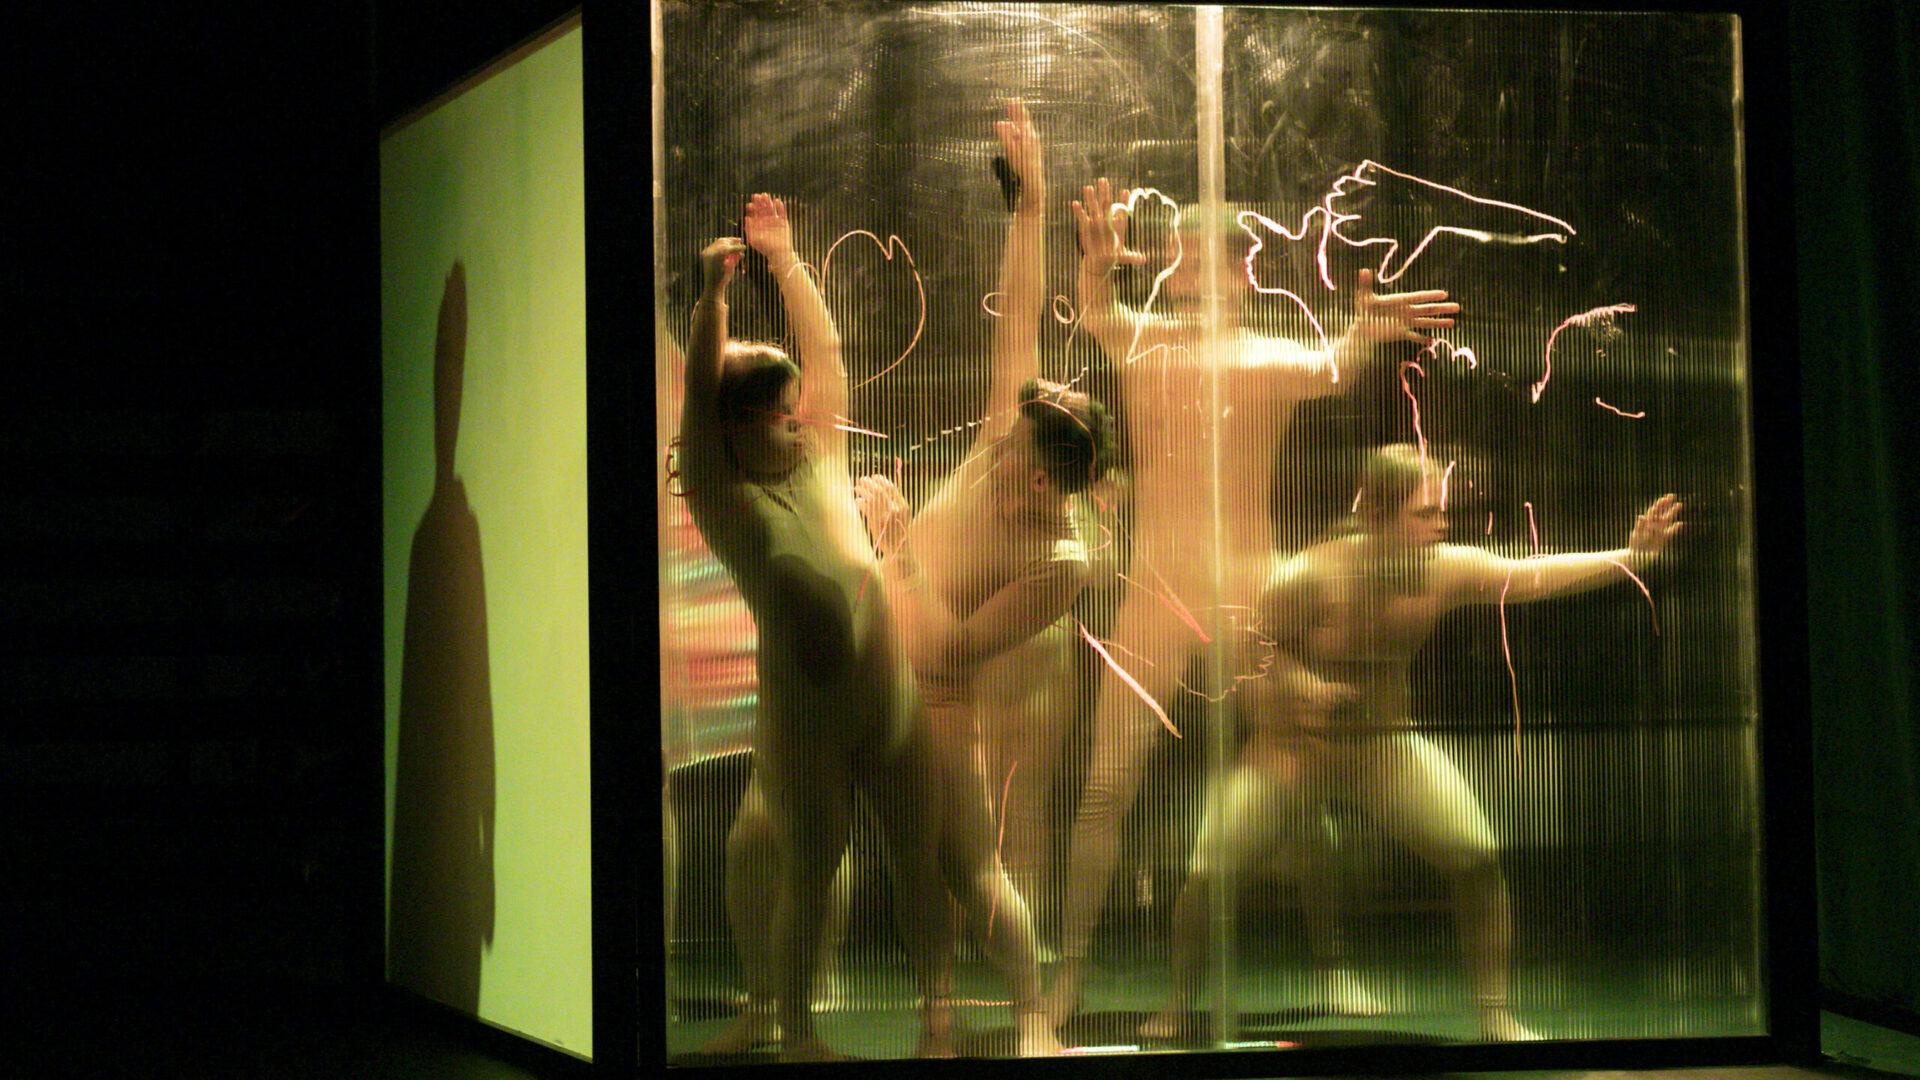 Szenenfoto einer Auffuehrung: Vier Personen hinter einer transparenten Wand auf einer Buehne.